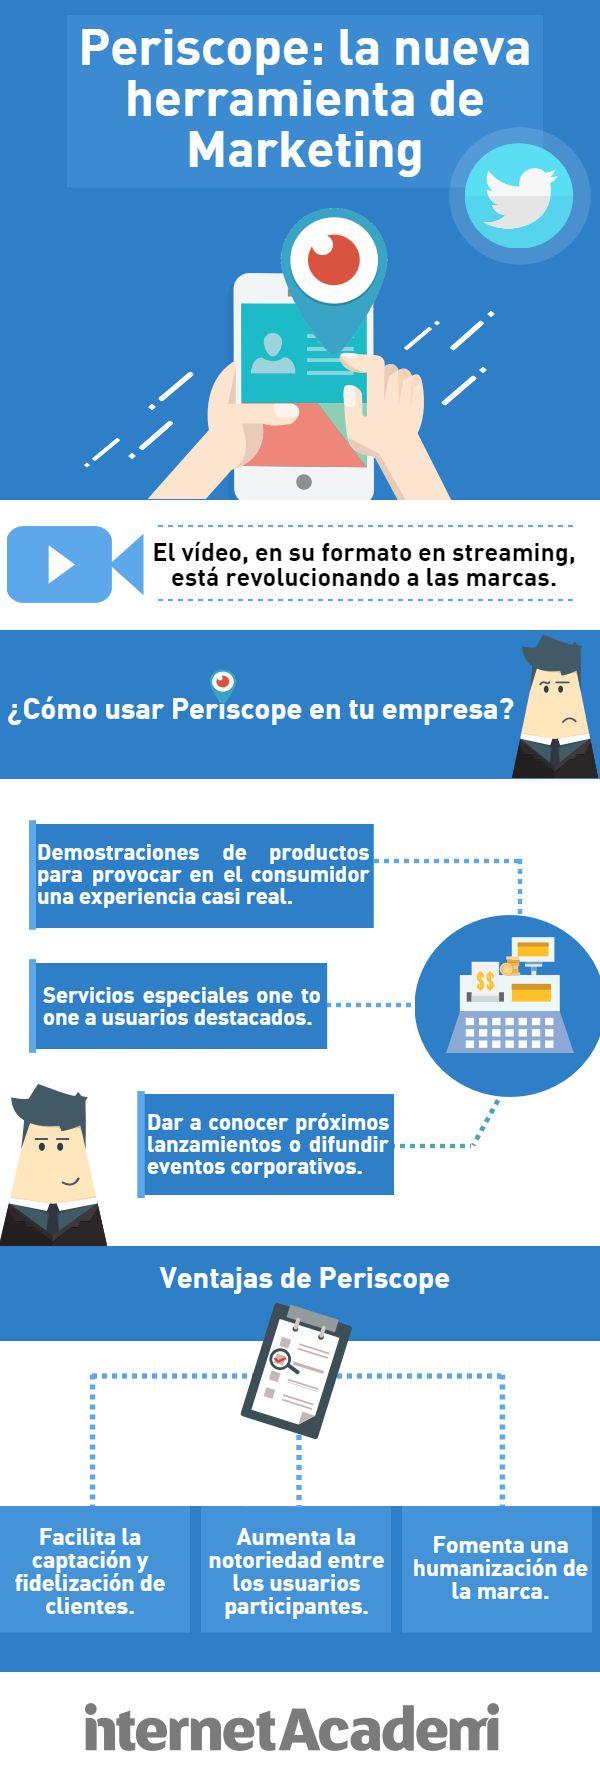 Cómo usar Periscope en la empresa como herramienta de marketing